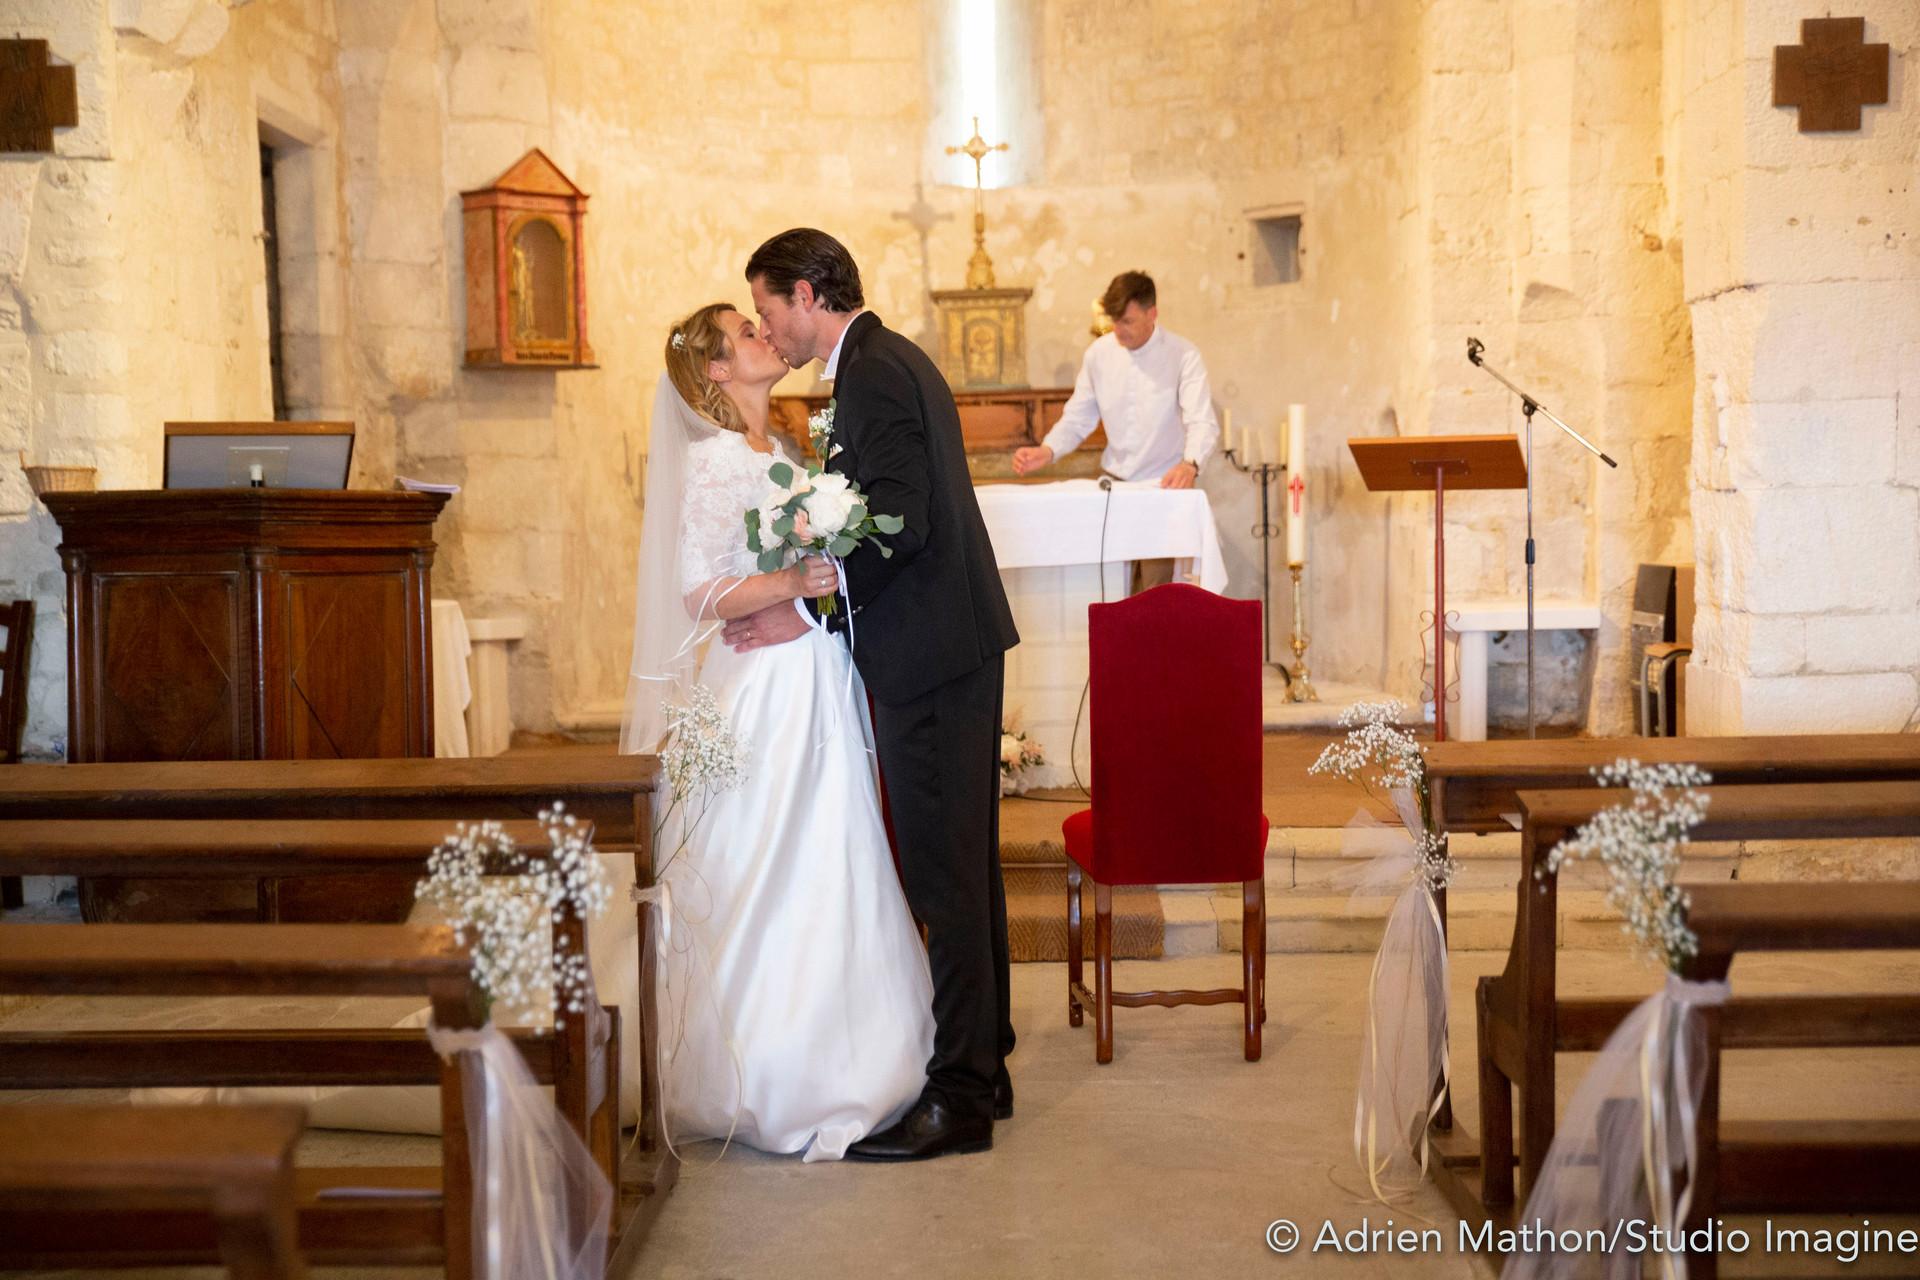 La cérémonie à l'église était un moment très important pour eux, je me suis concentrer à rendre ce moment le plus fidèle possible à l'ambiance vécu.